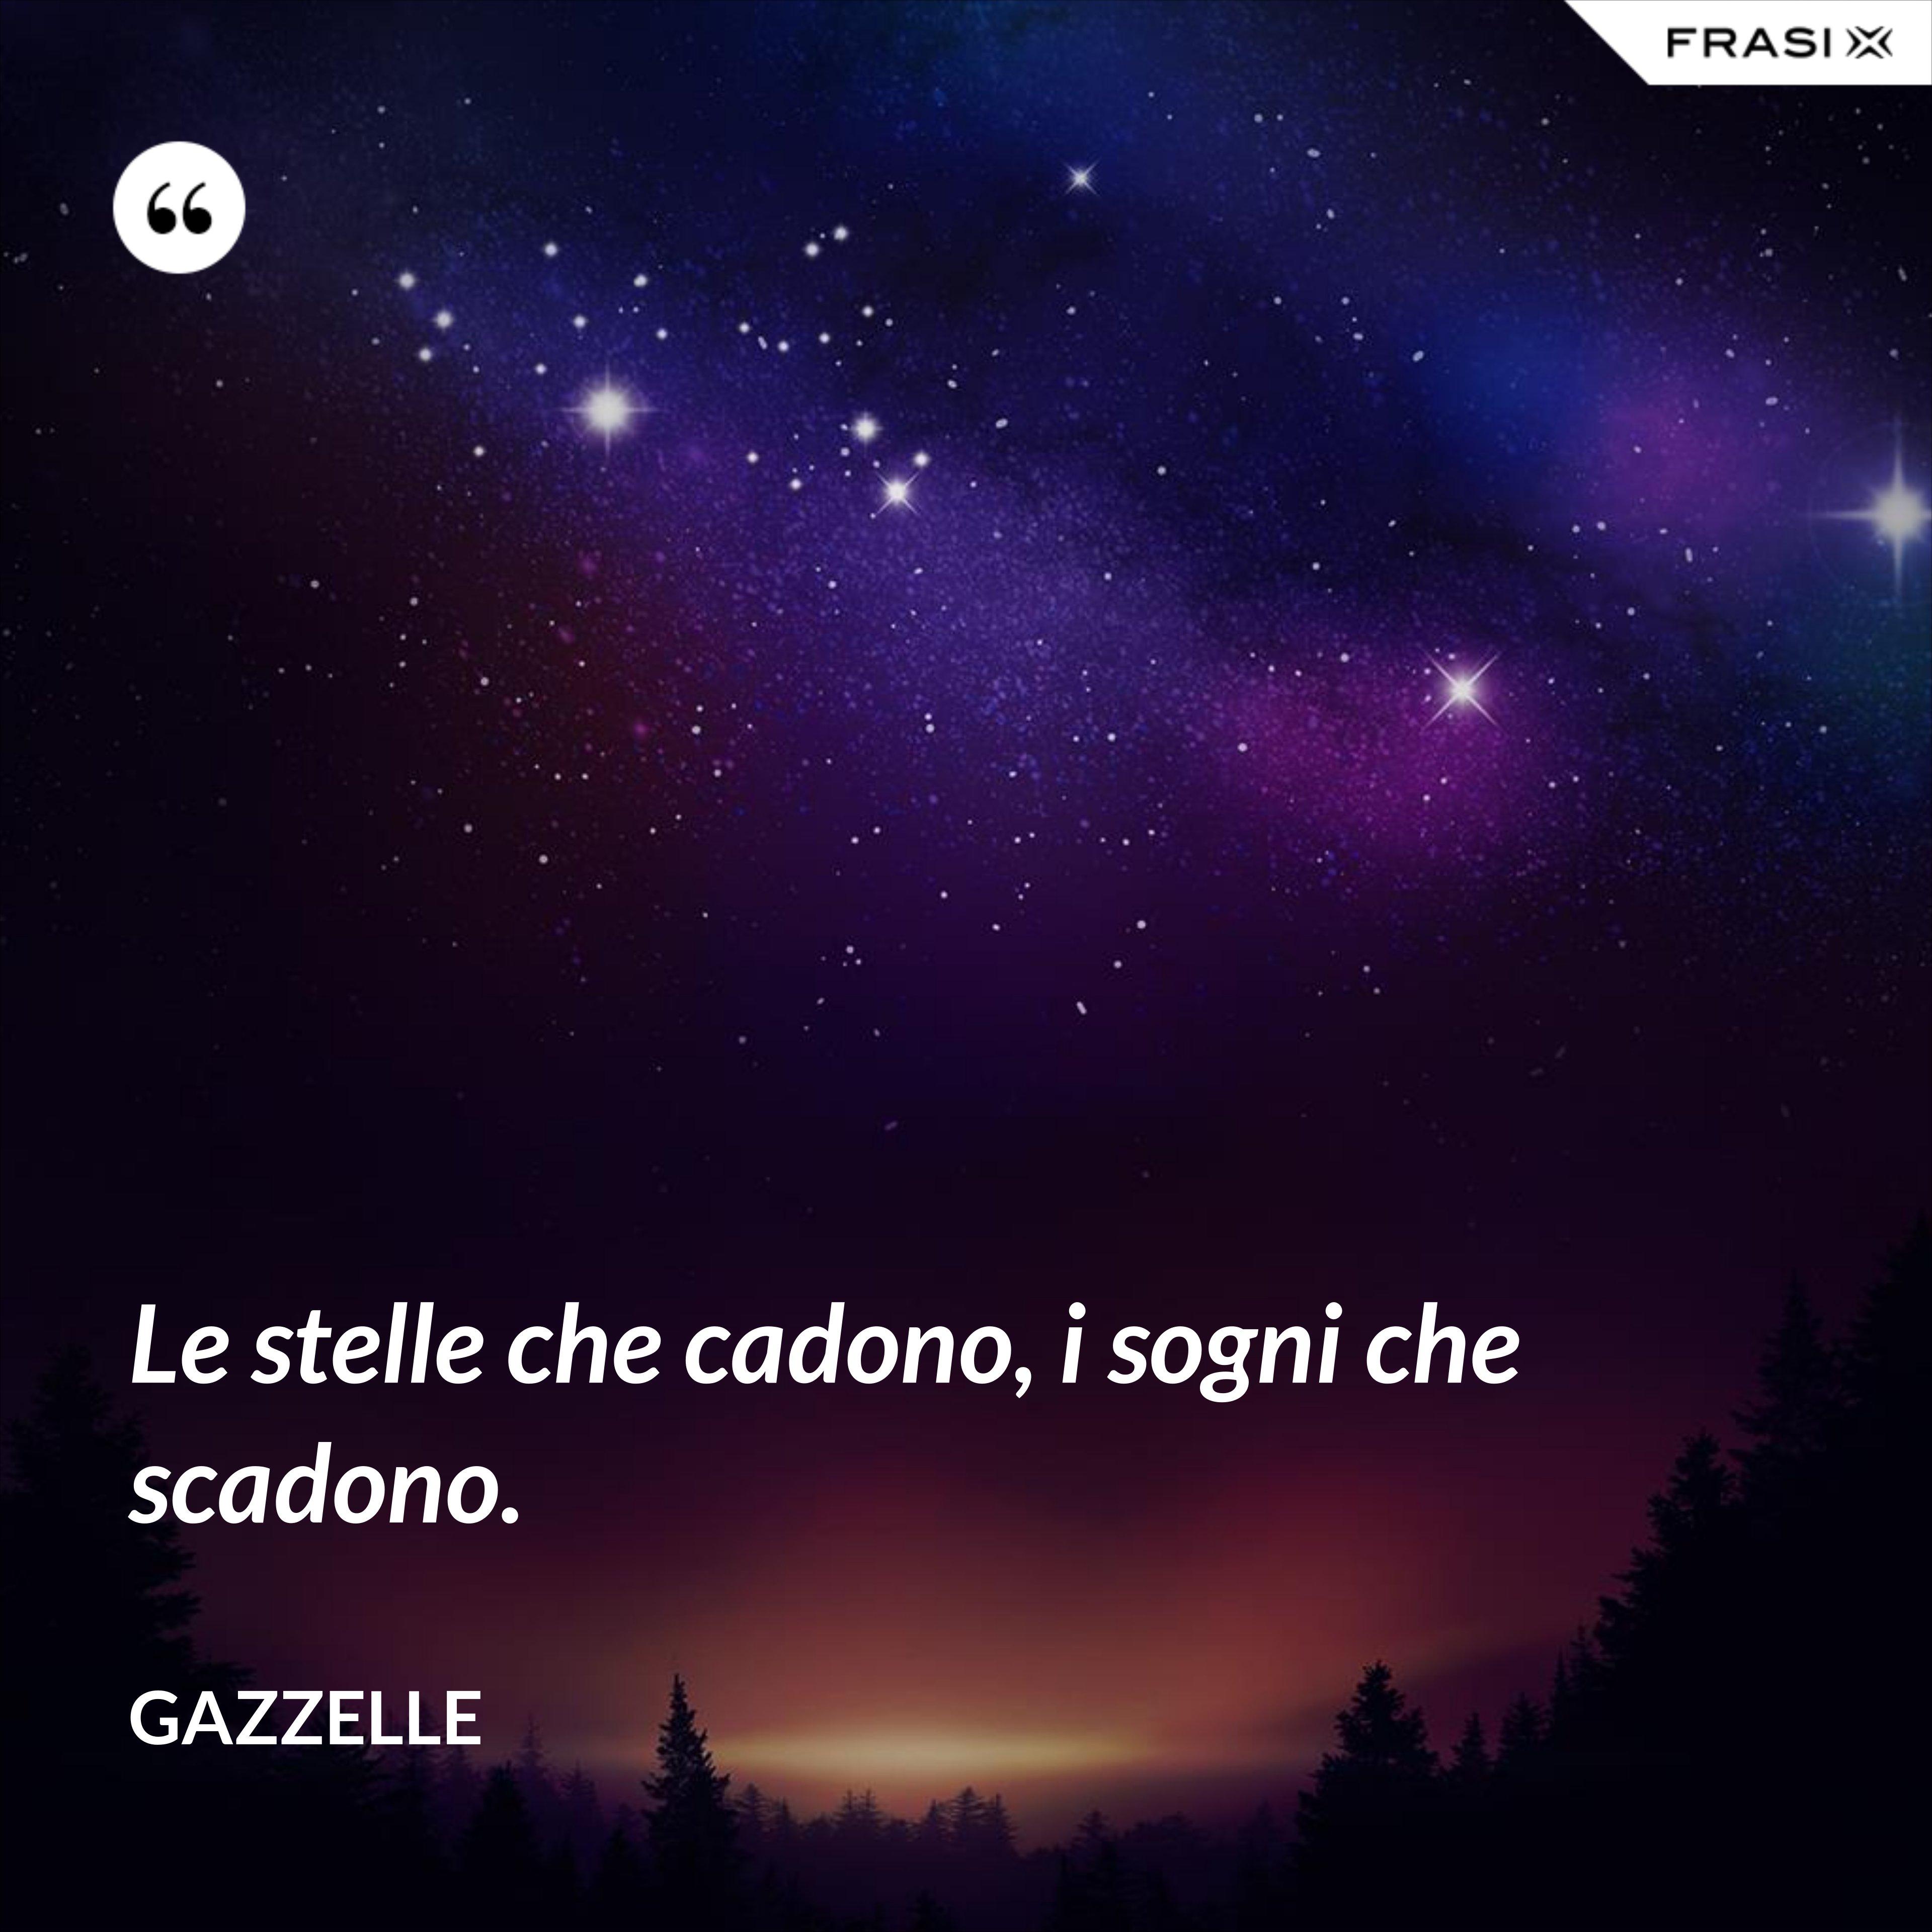 Le stelle che cadono, i sogni che scadono. - Gazzelle